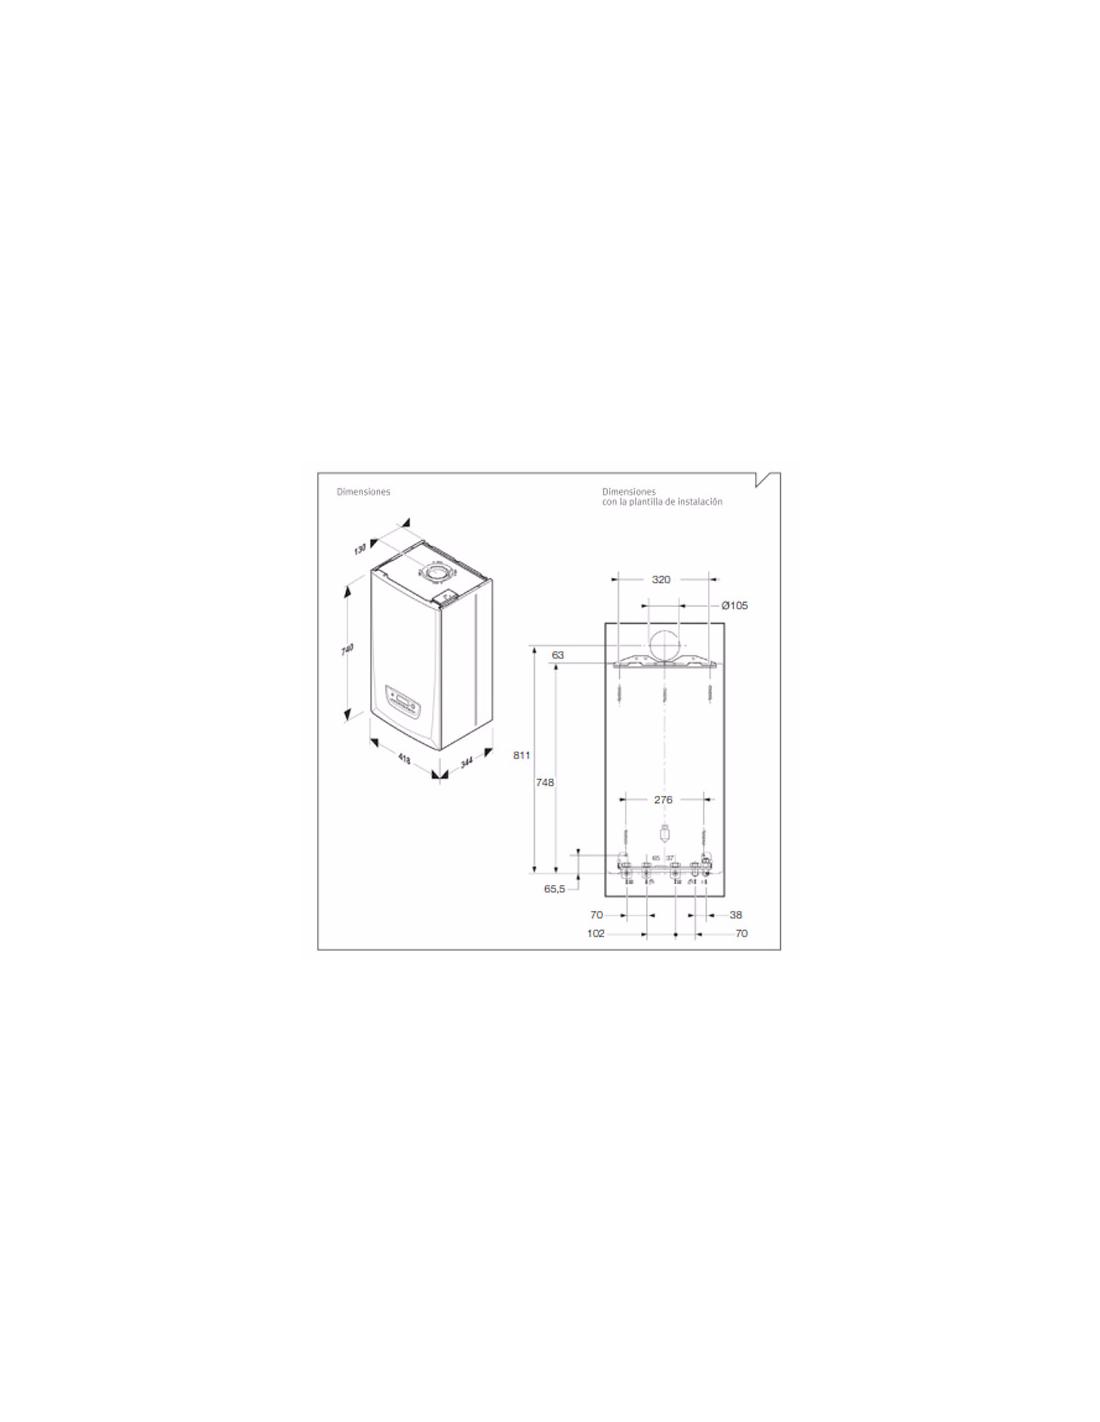 Inodoro roca serie element tanque bajo instalaci n de for Tanque inodoro precio